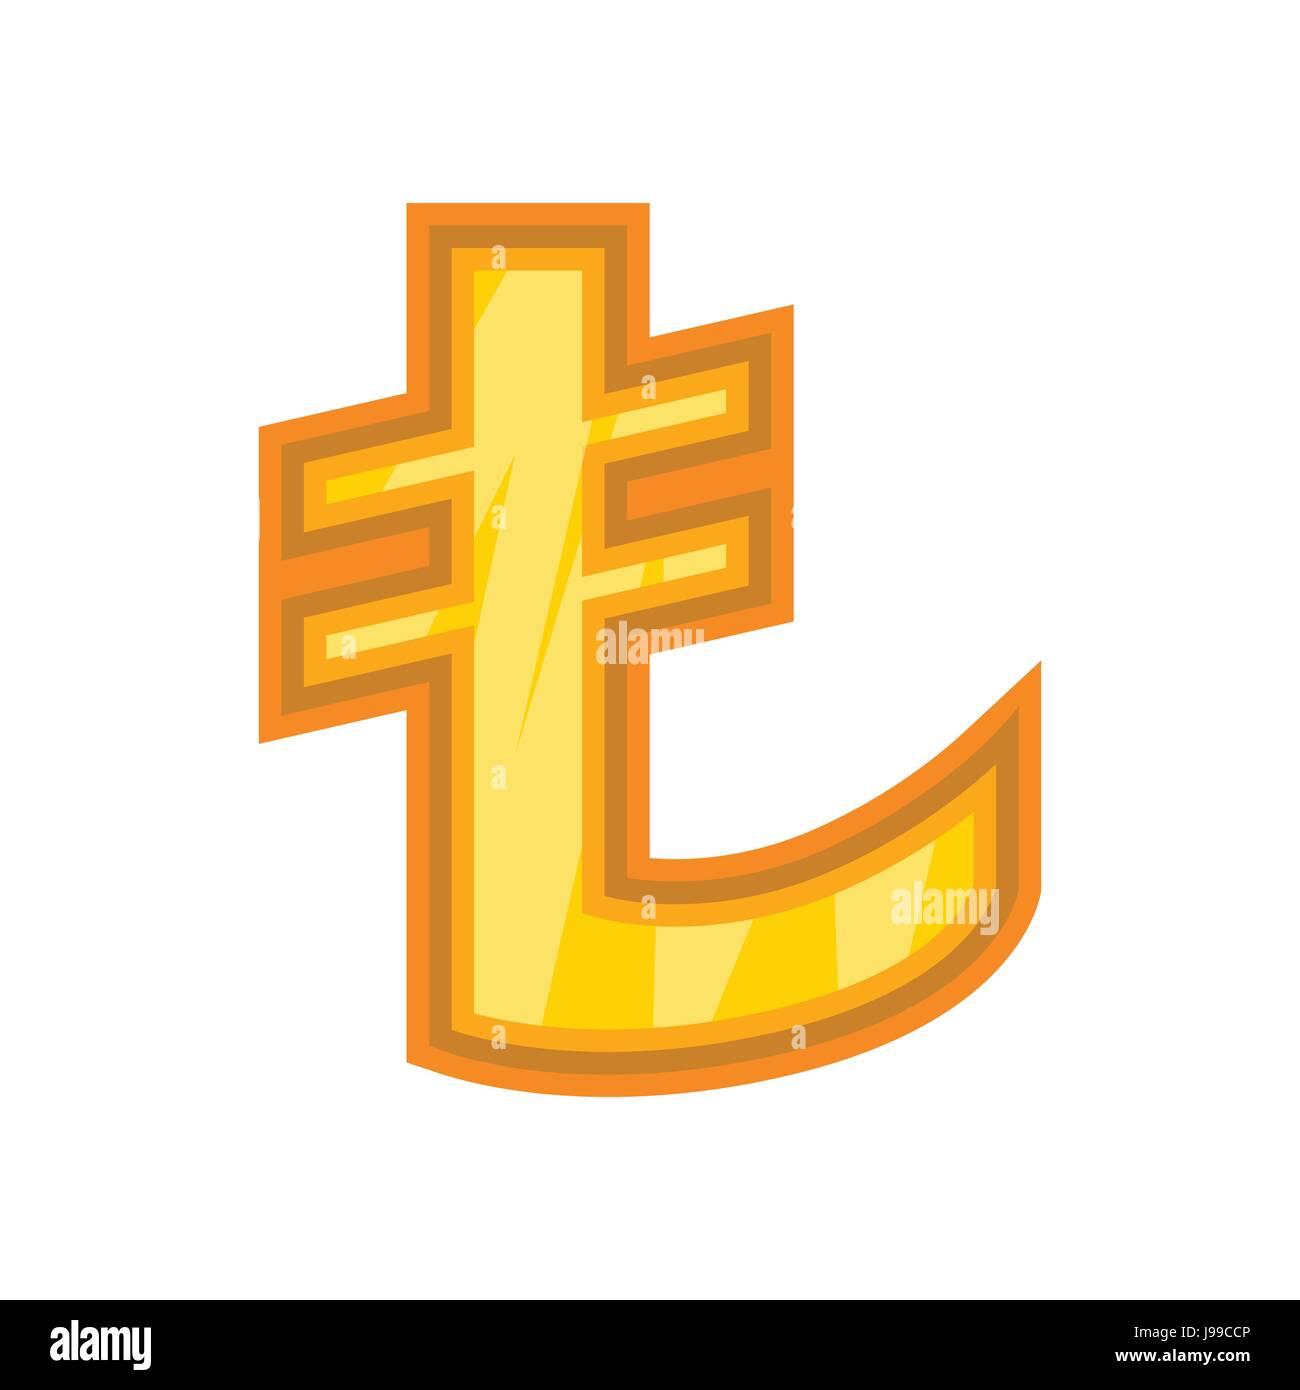 Turkish lira icon, cartoon style Stock Vector